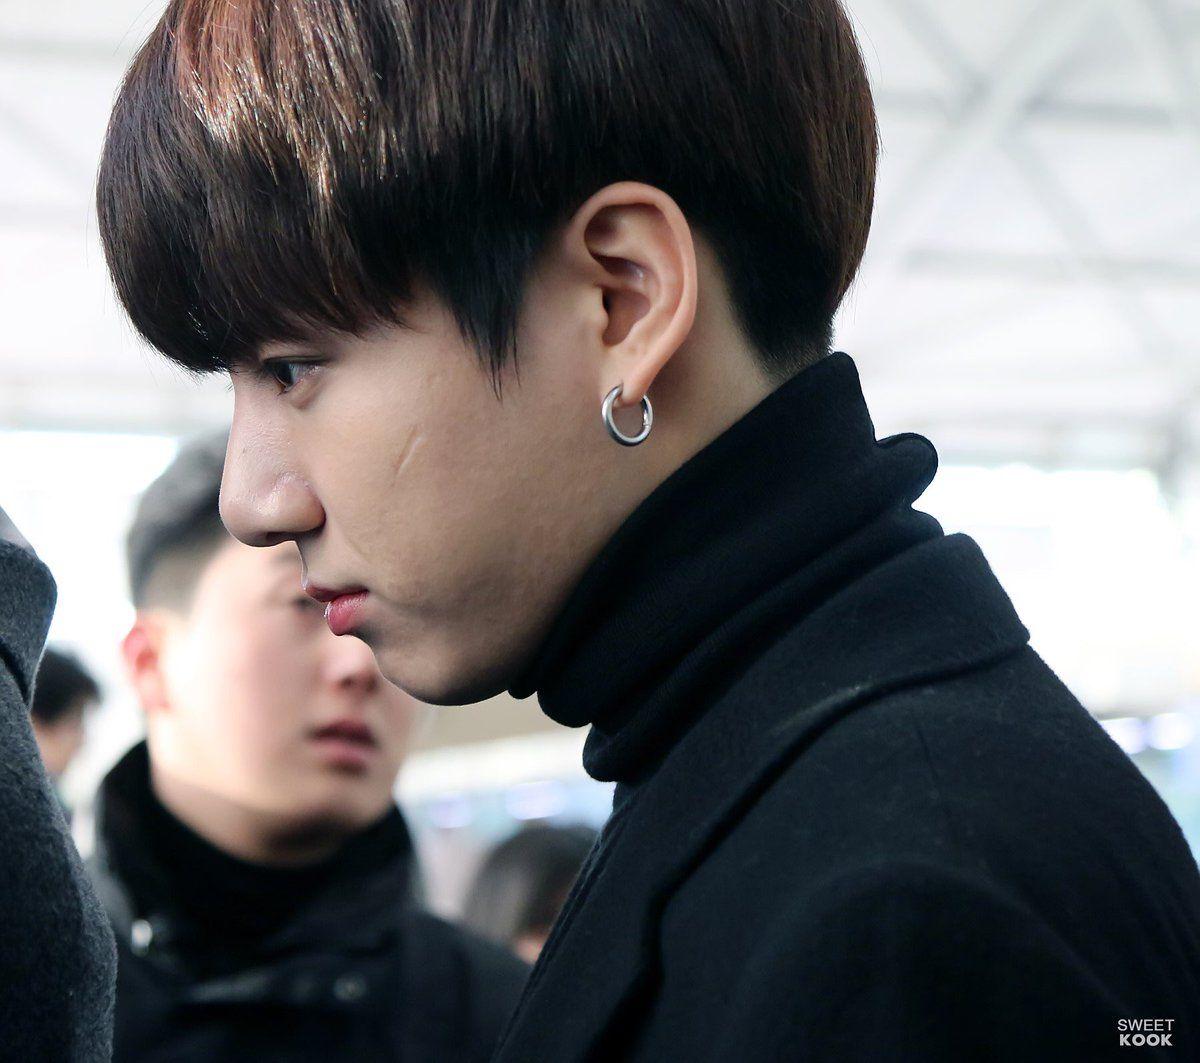 BTS Jungkook Reveals His Biggest Hardship